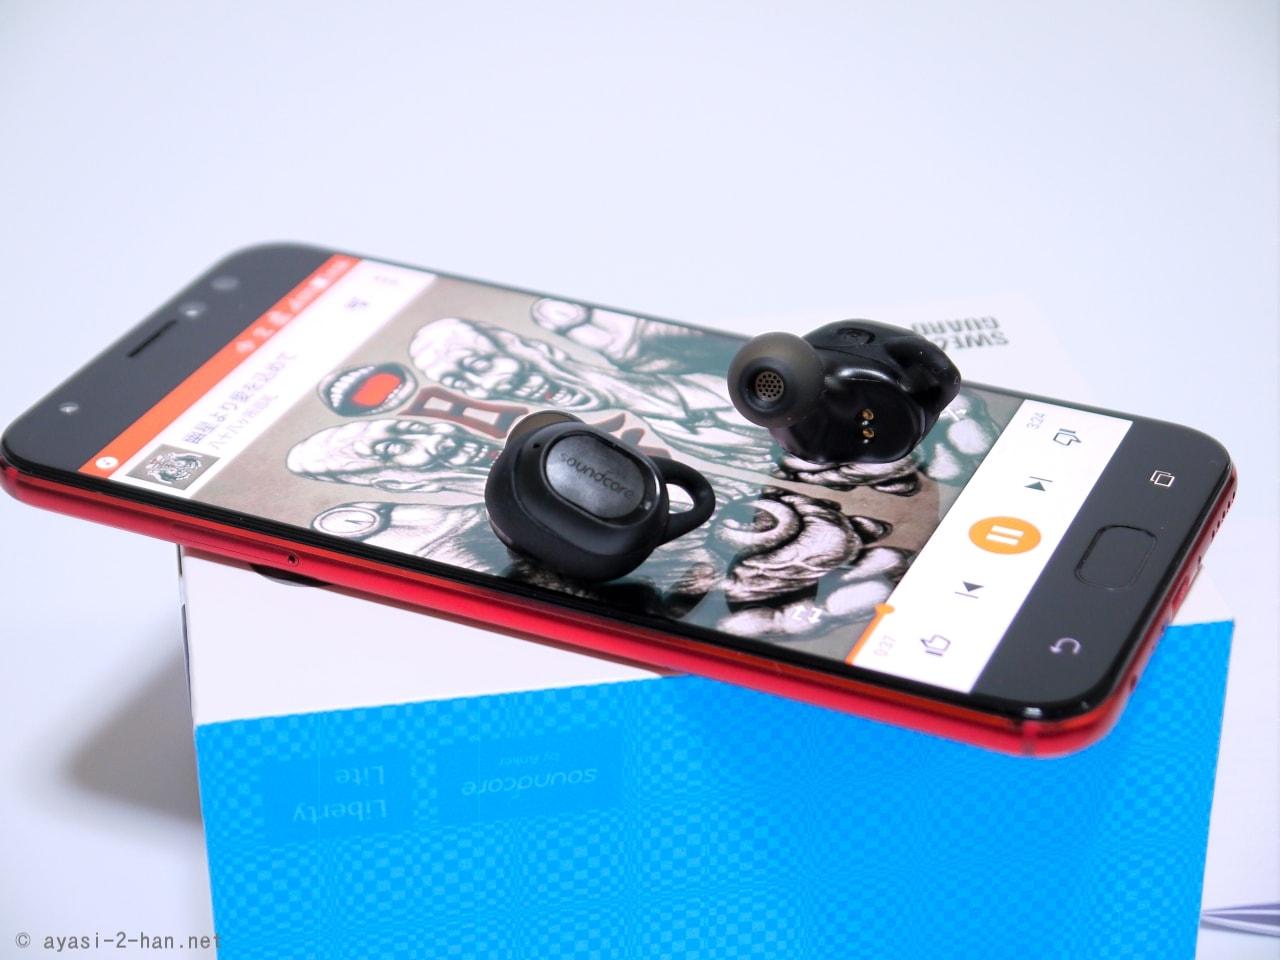 iPhoneユーザーにオススメ! Ankerのワイヤレスイヤホン「Liberty Lite」の感想とか。(技適情報もあるよ)